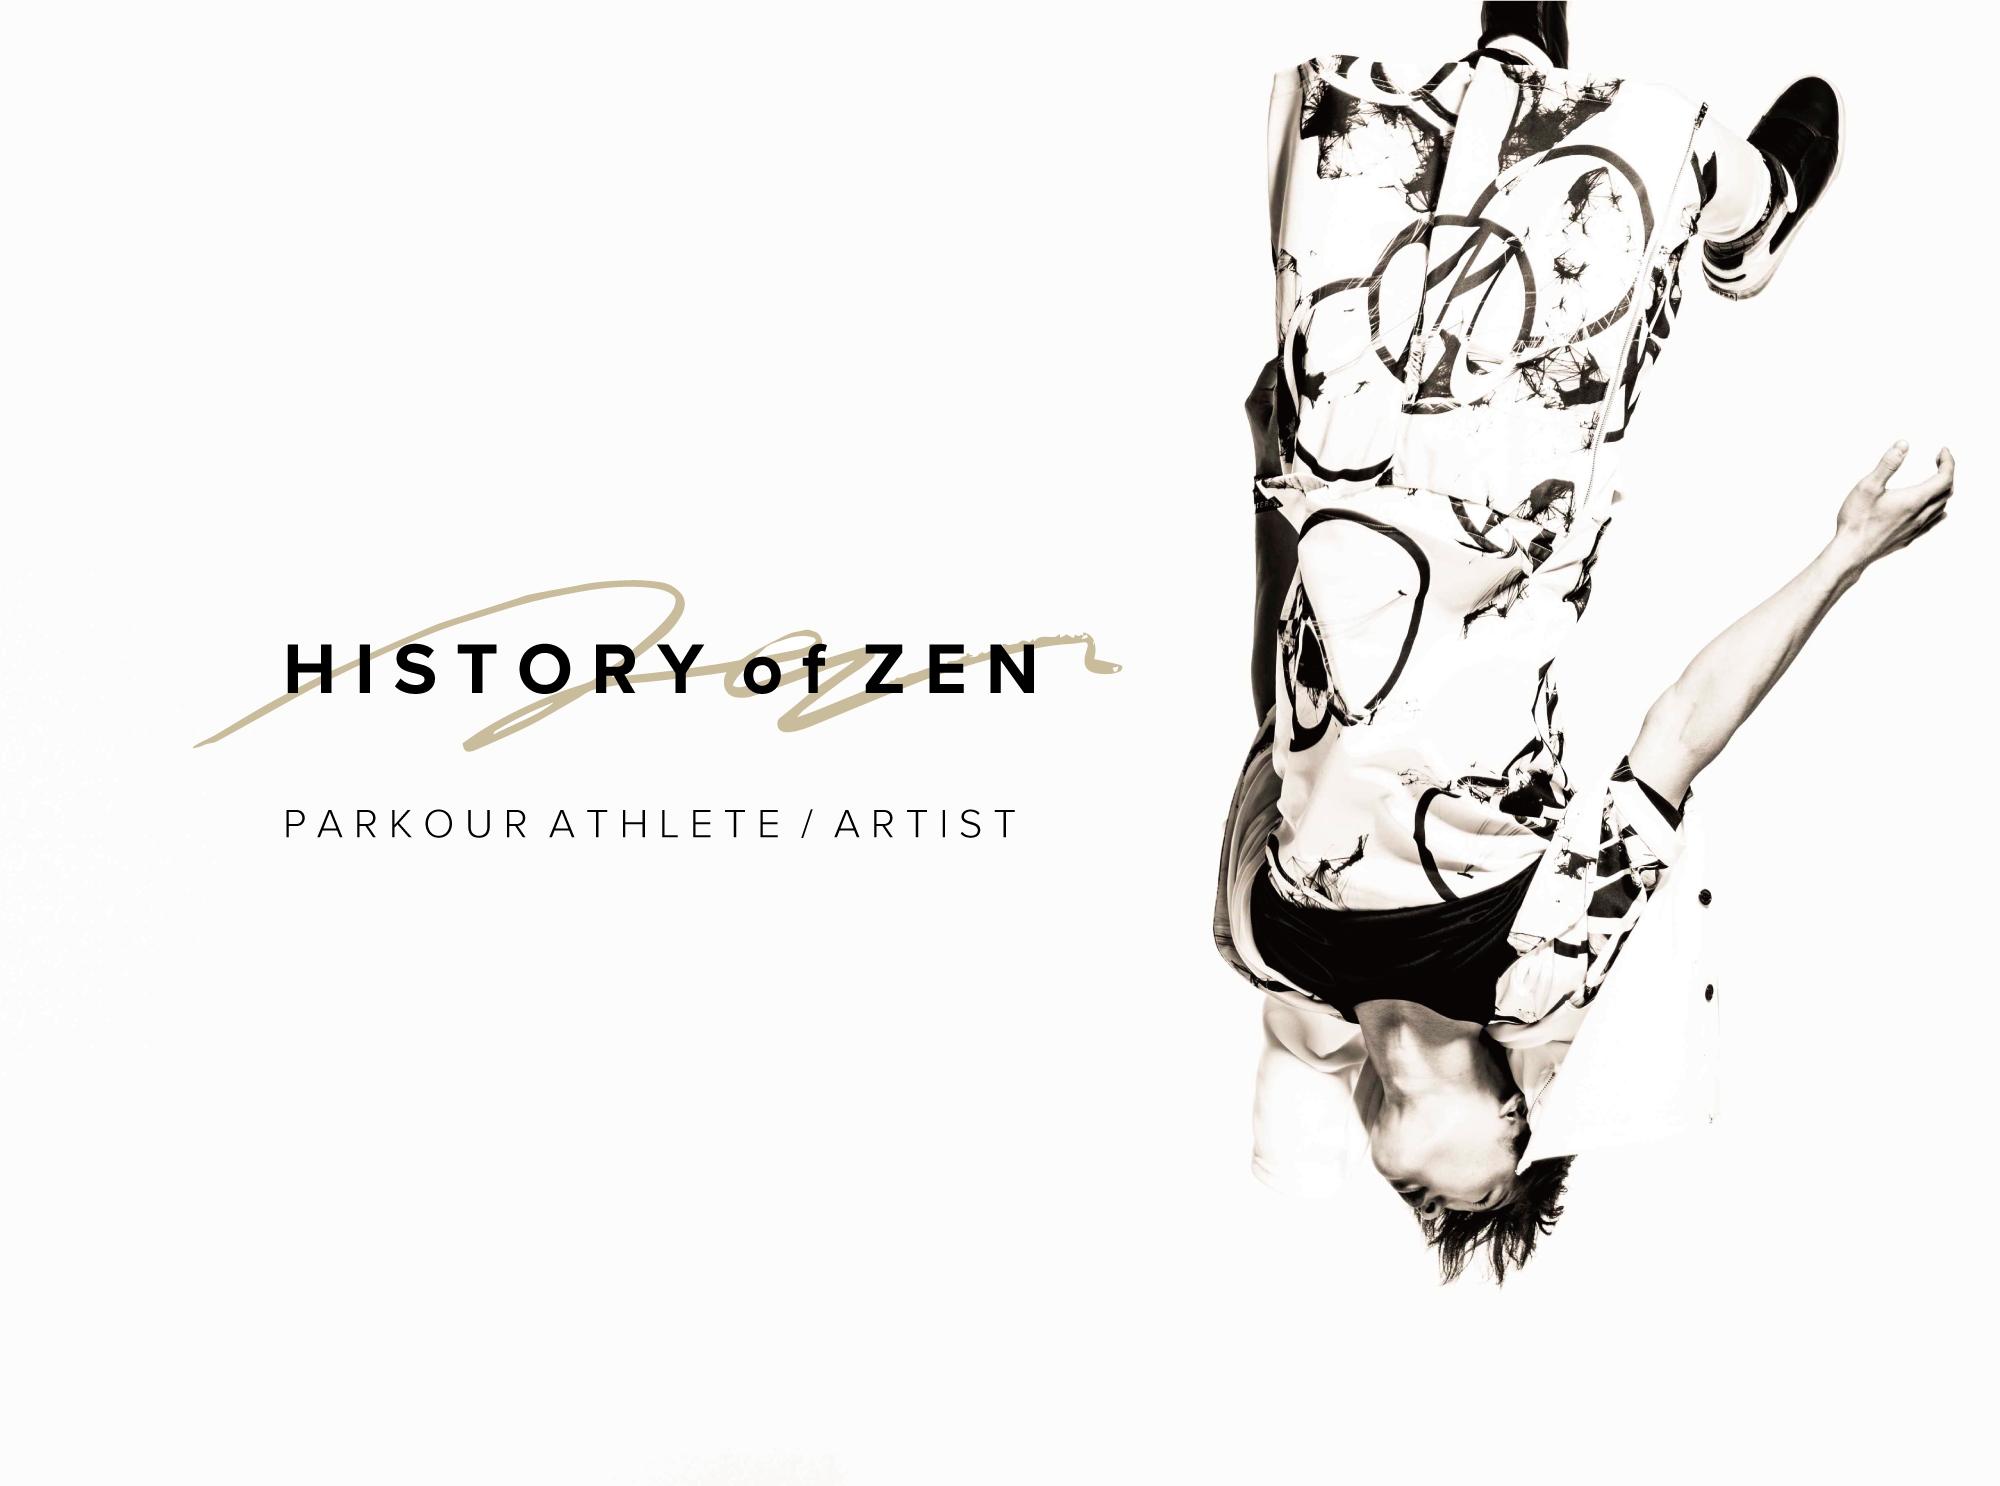 ZEN_HISTORY.jpg